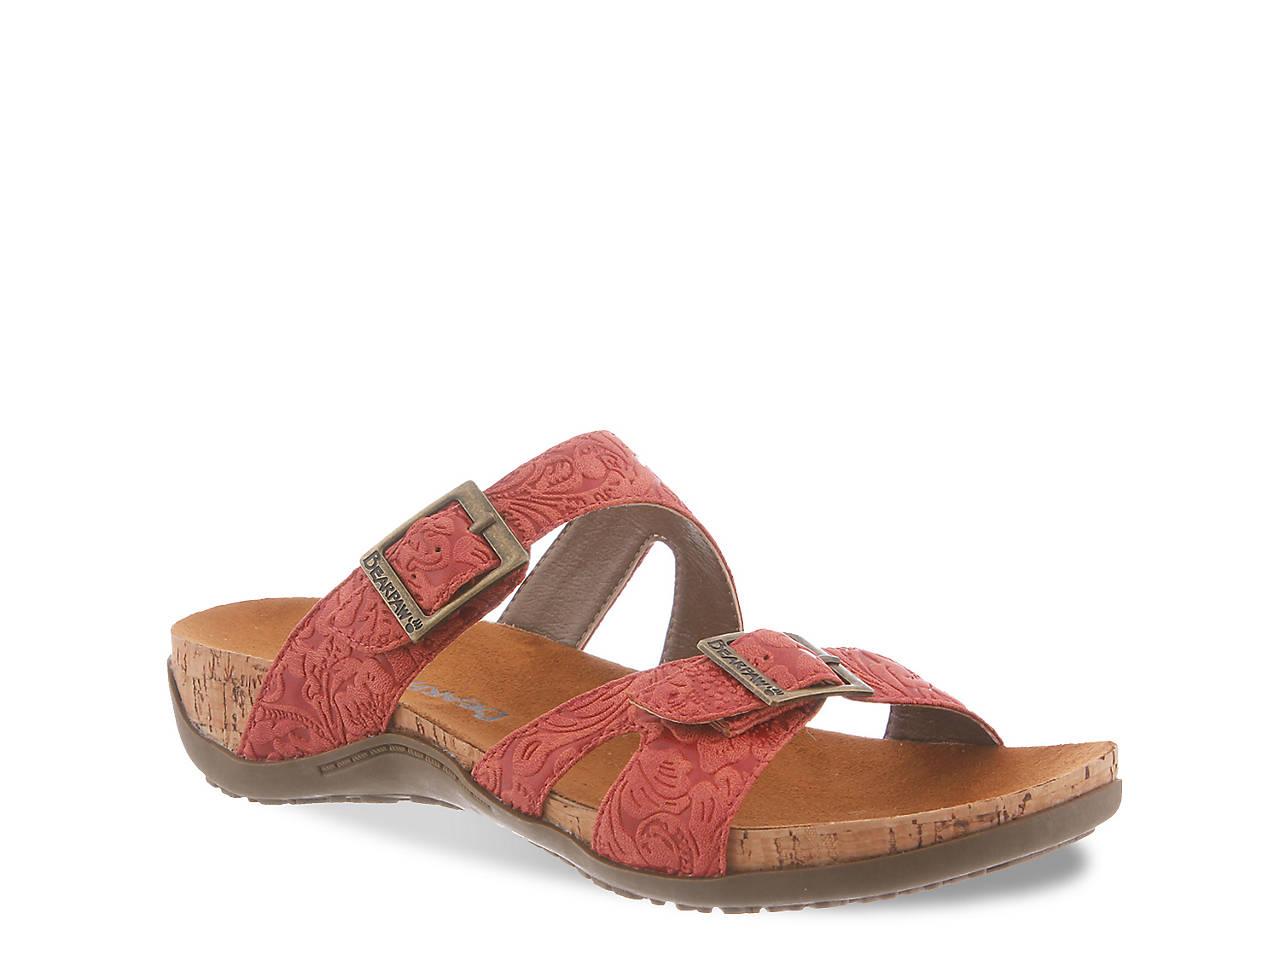 4e70d9a9da0b Bearpaw Maddie Sandal Women s Shoes